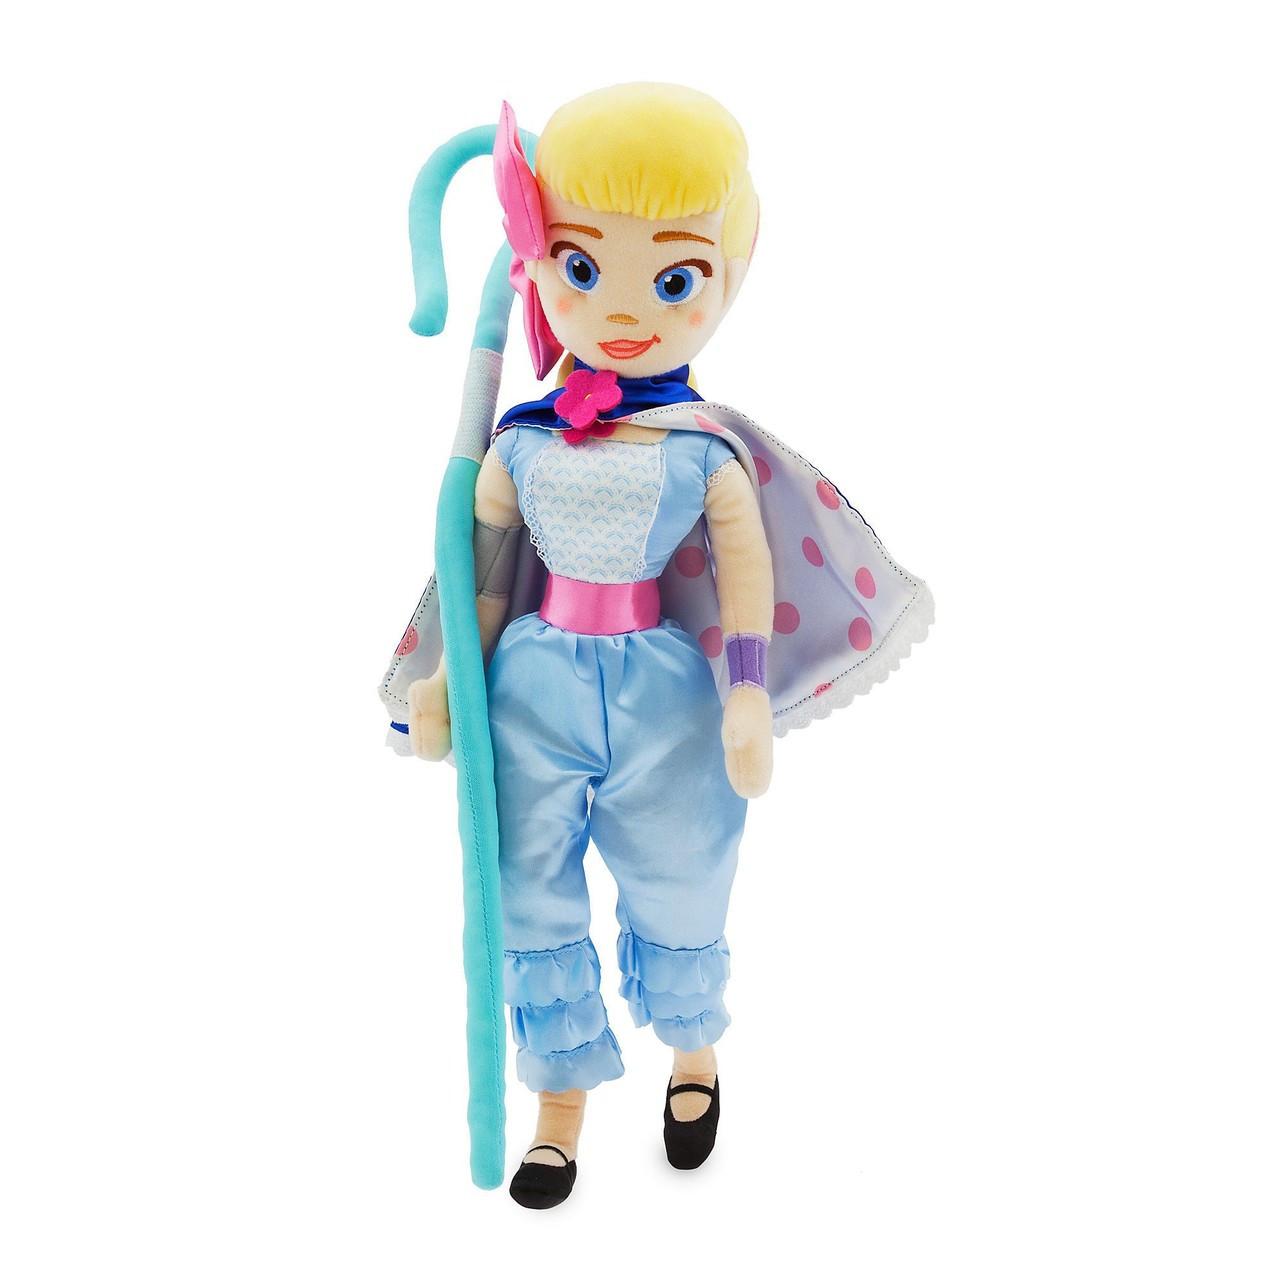 Disney Toy Story 4 Little Bo Peep 18.5 Medium Plush - ToyWiz